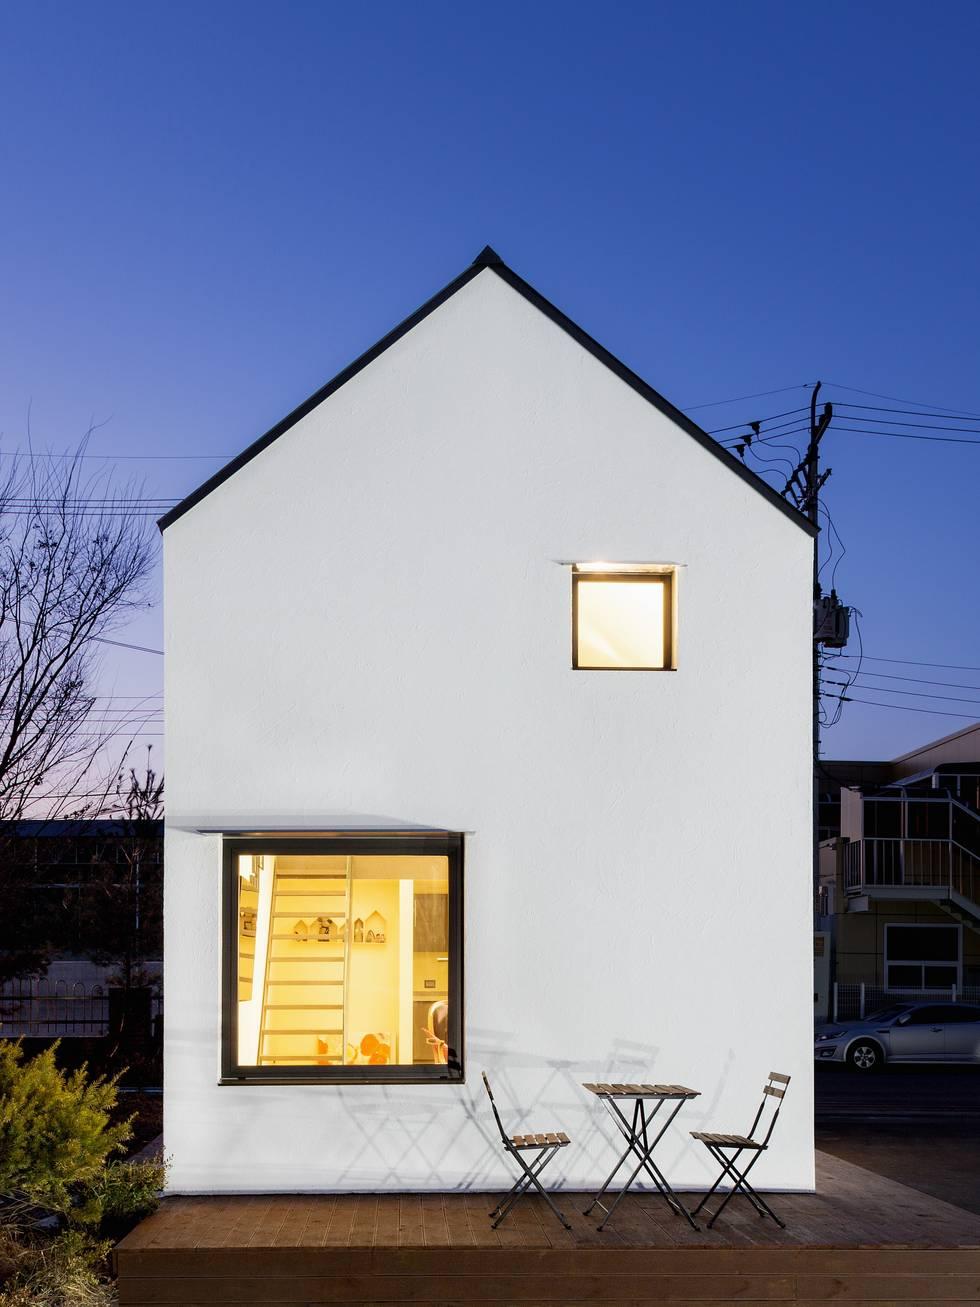 기능성과 단순함으로 만드는 공간, 픽셀 하우스